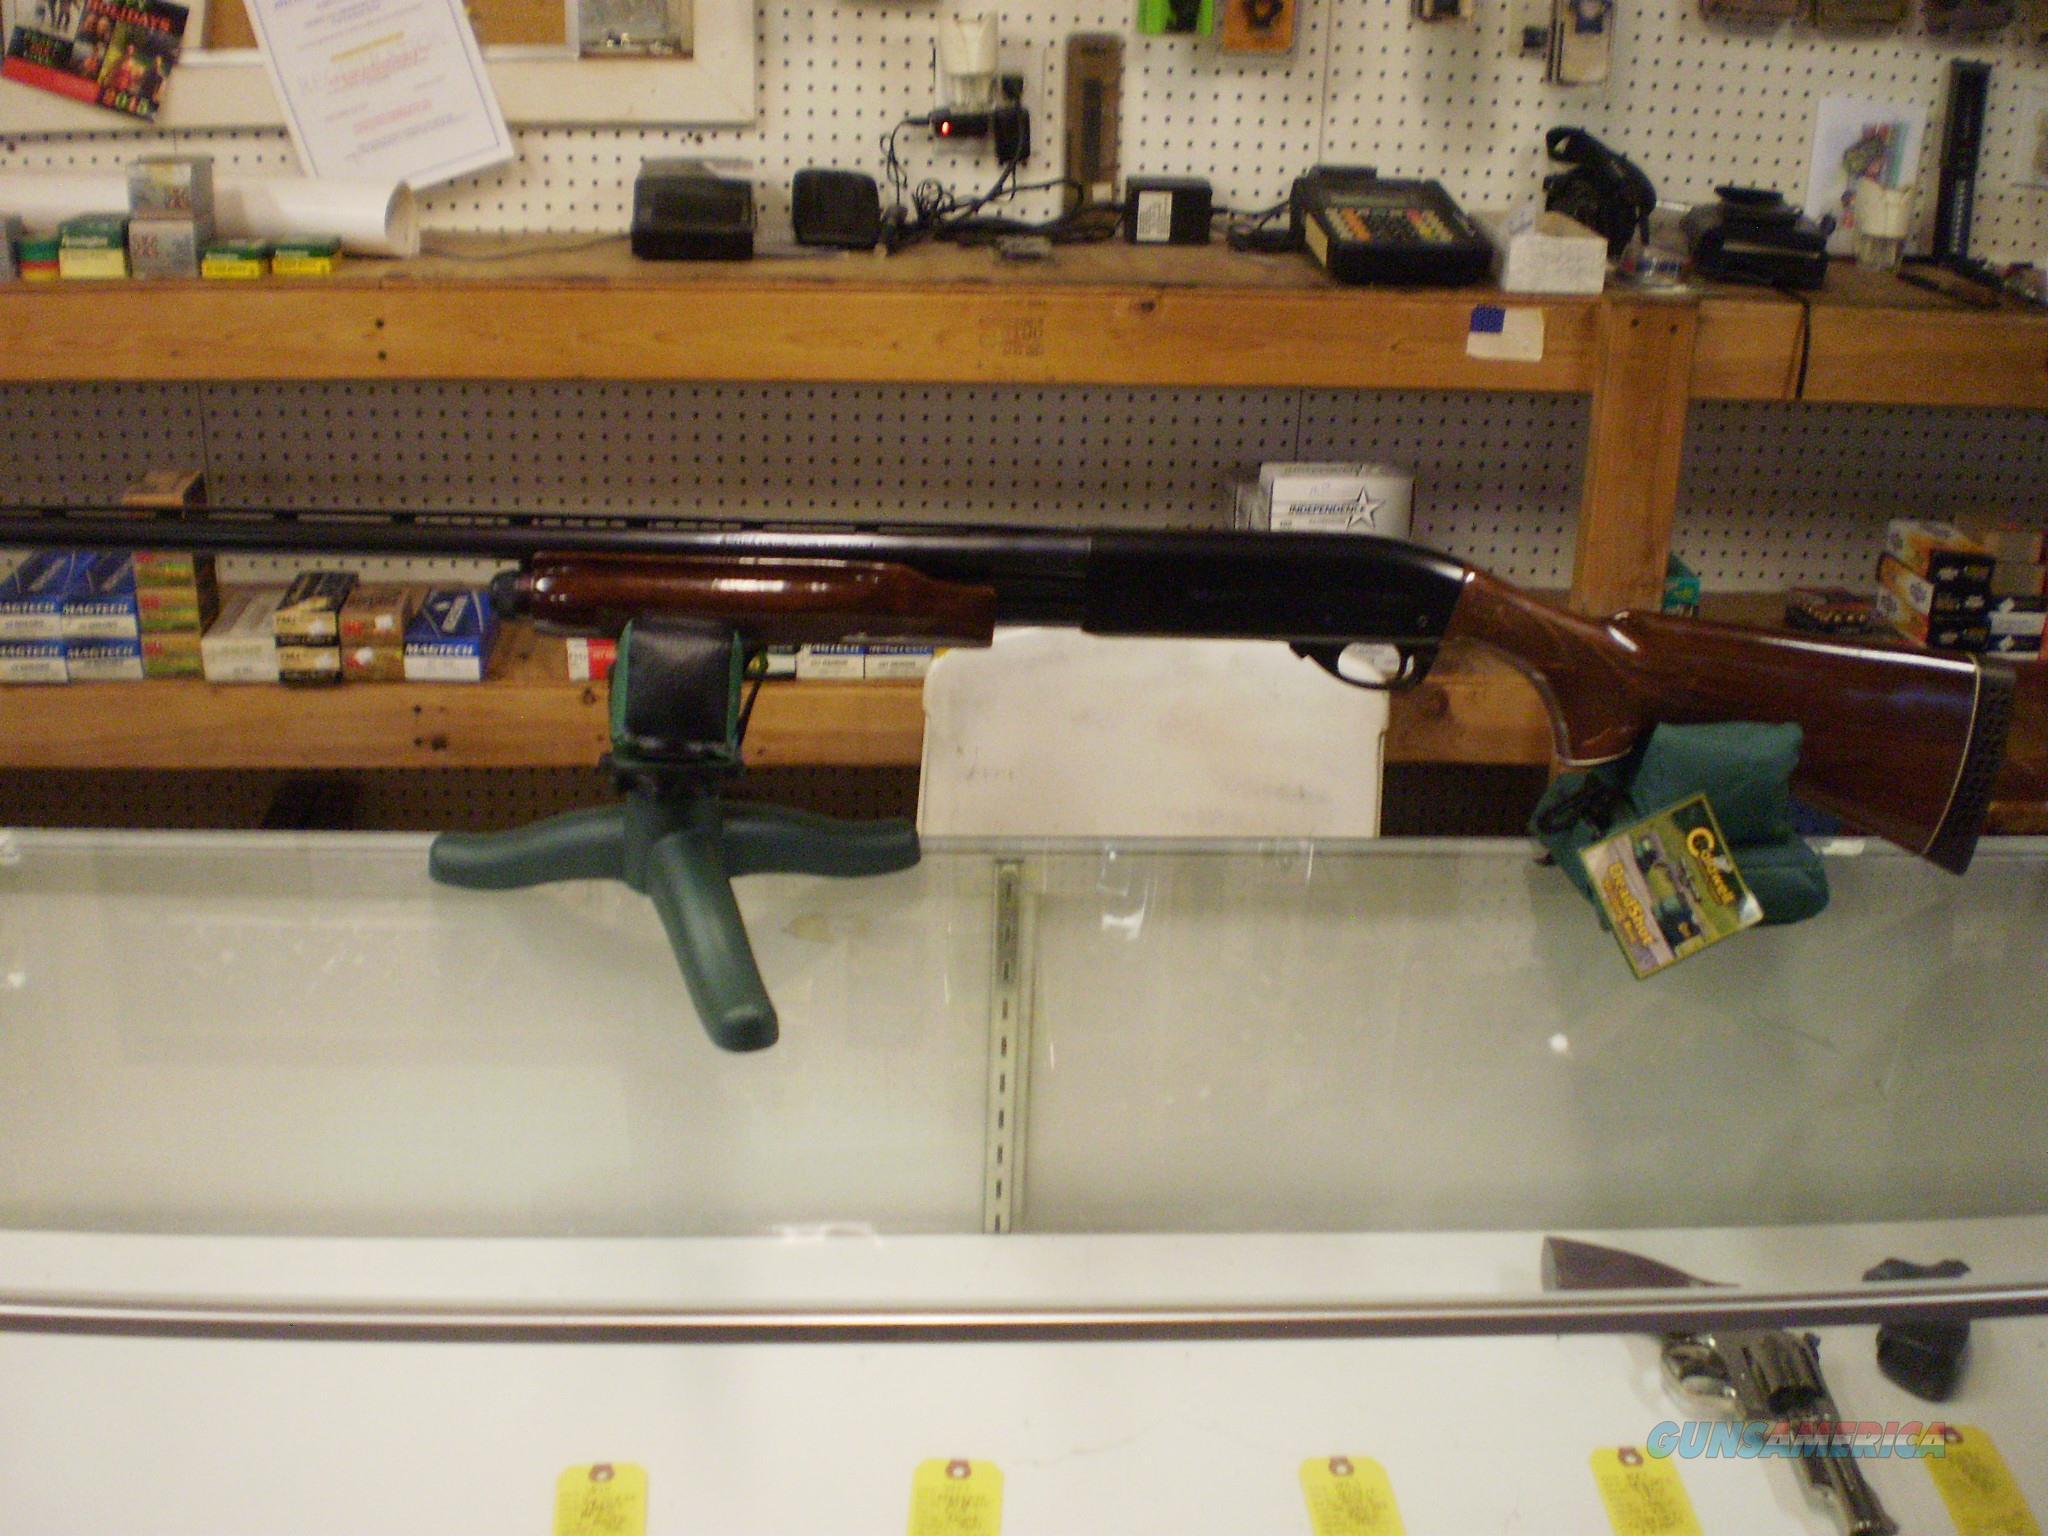 REMINGTON 870 WINGMASTER LW 20 GAUGE  Guns > Shotguns > Remington Shotguns  > Pump > Hunting